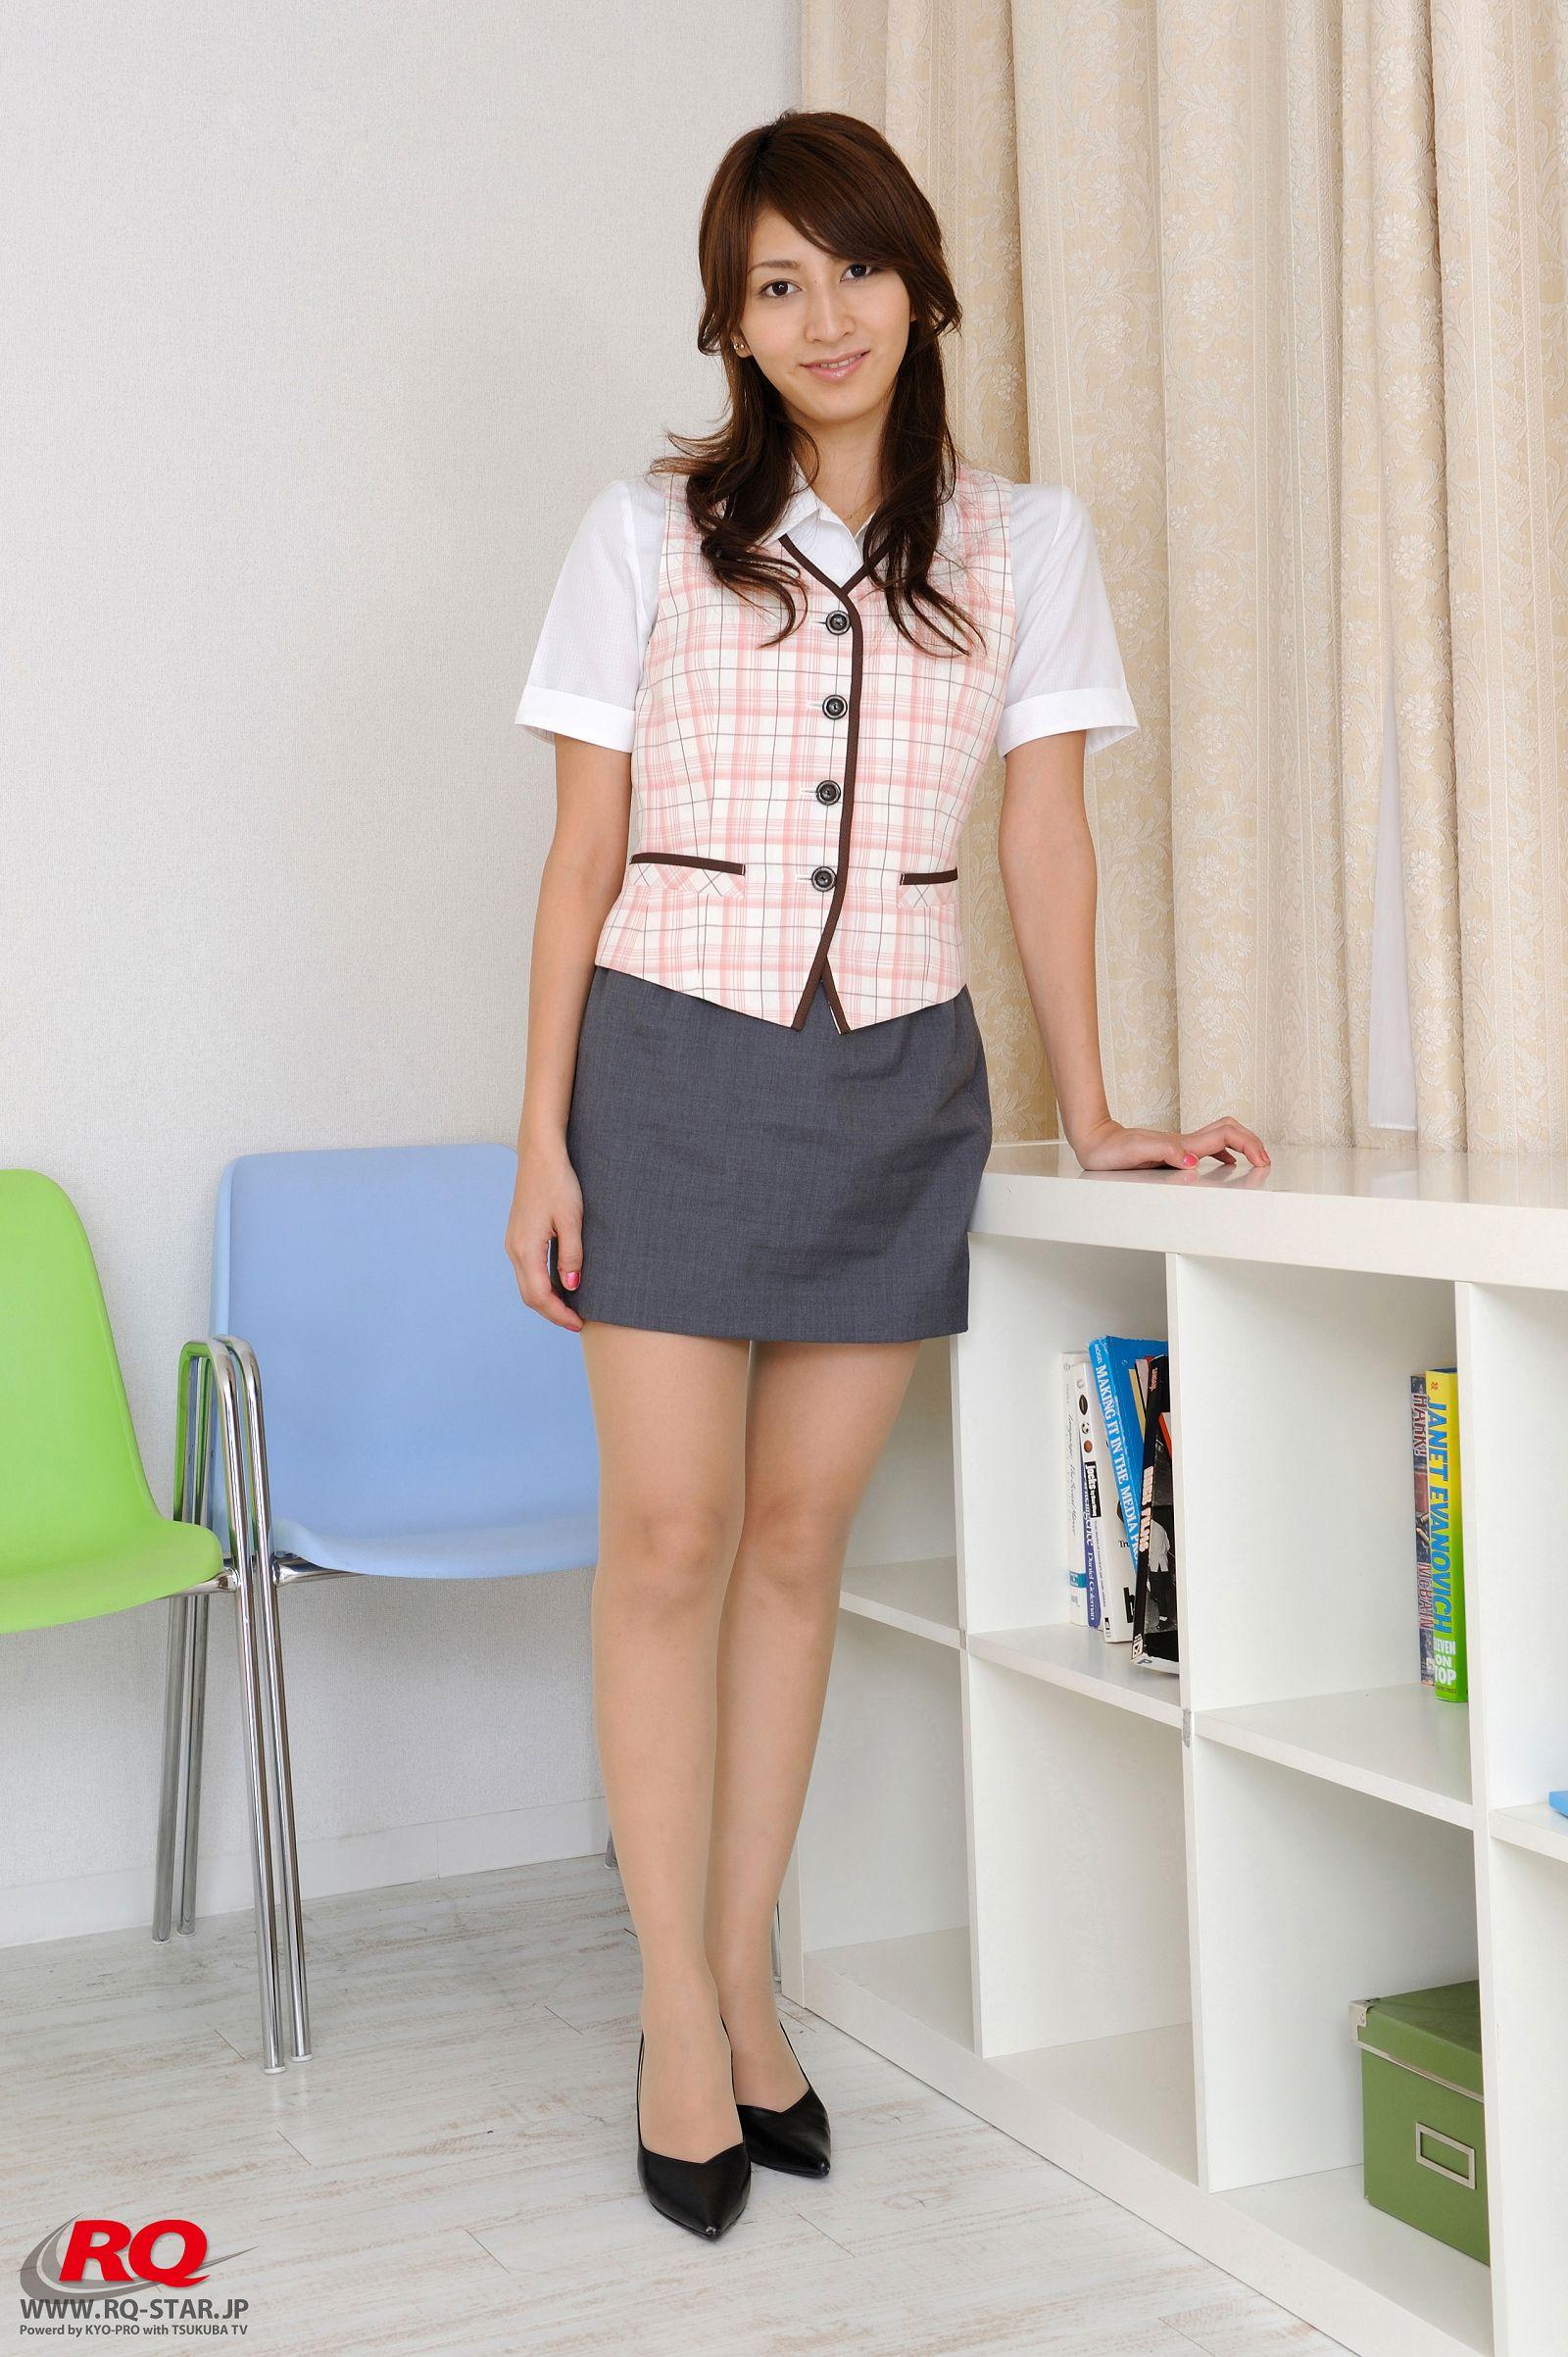 [RQ STAR美女] NO.01115 山崎友華[45P] RQ STAR 第1张